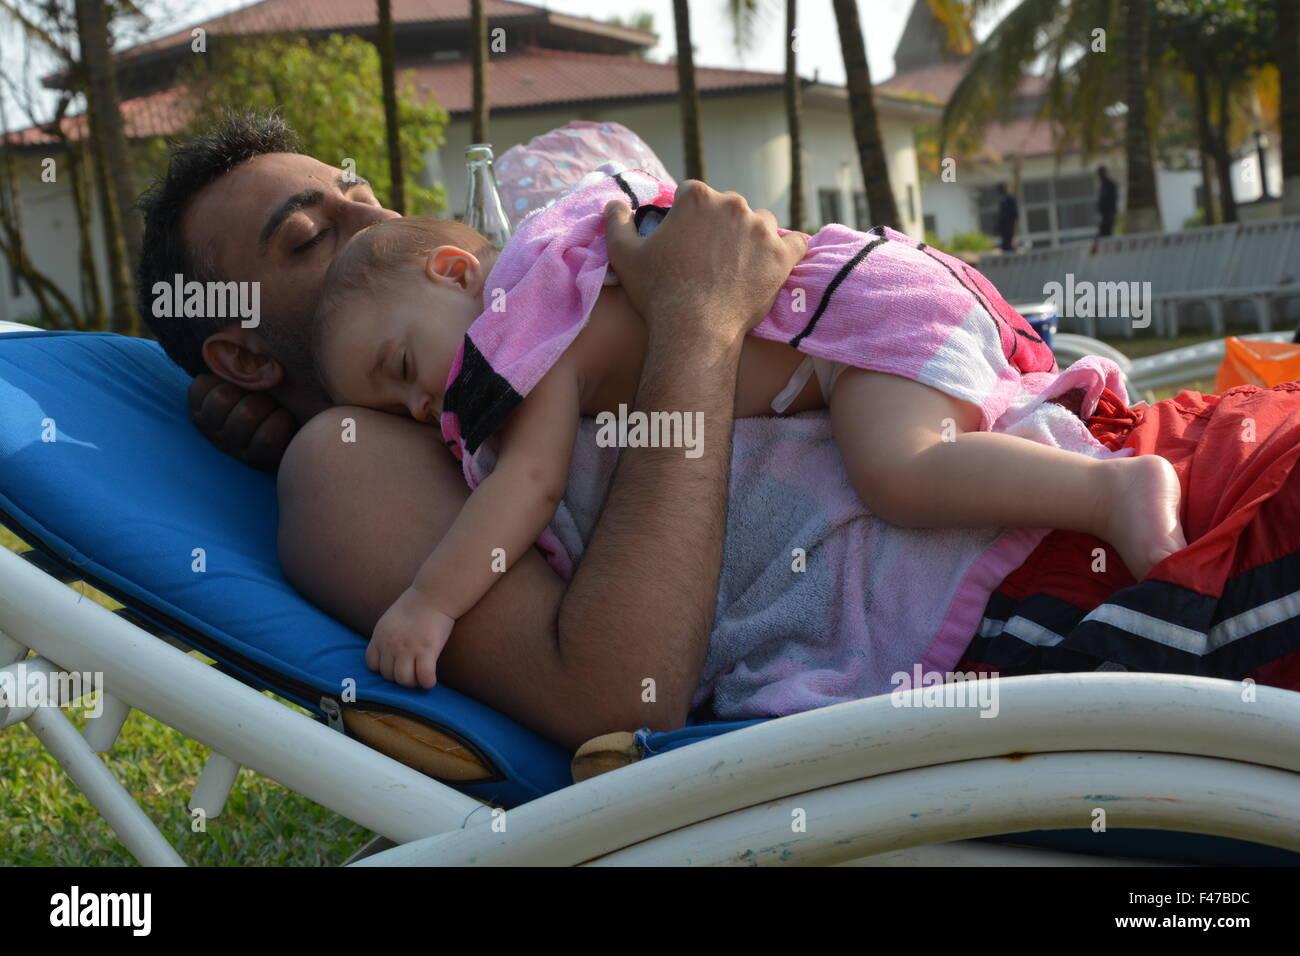 La hora de la siesta al aire libre Imagen De Stock